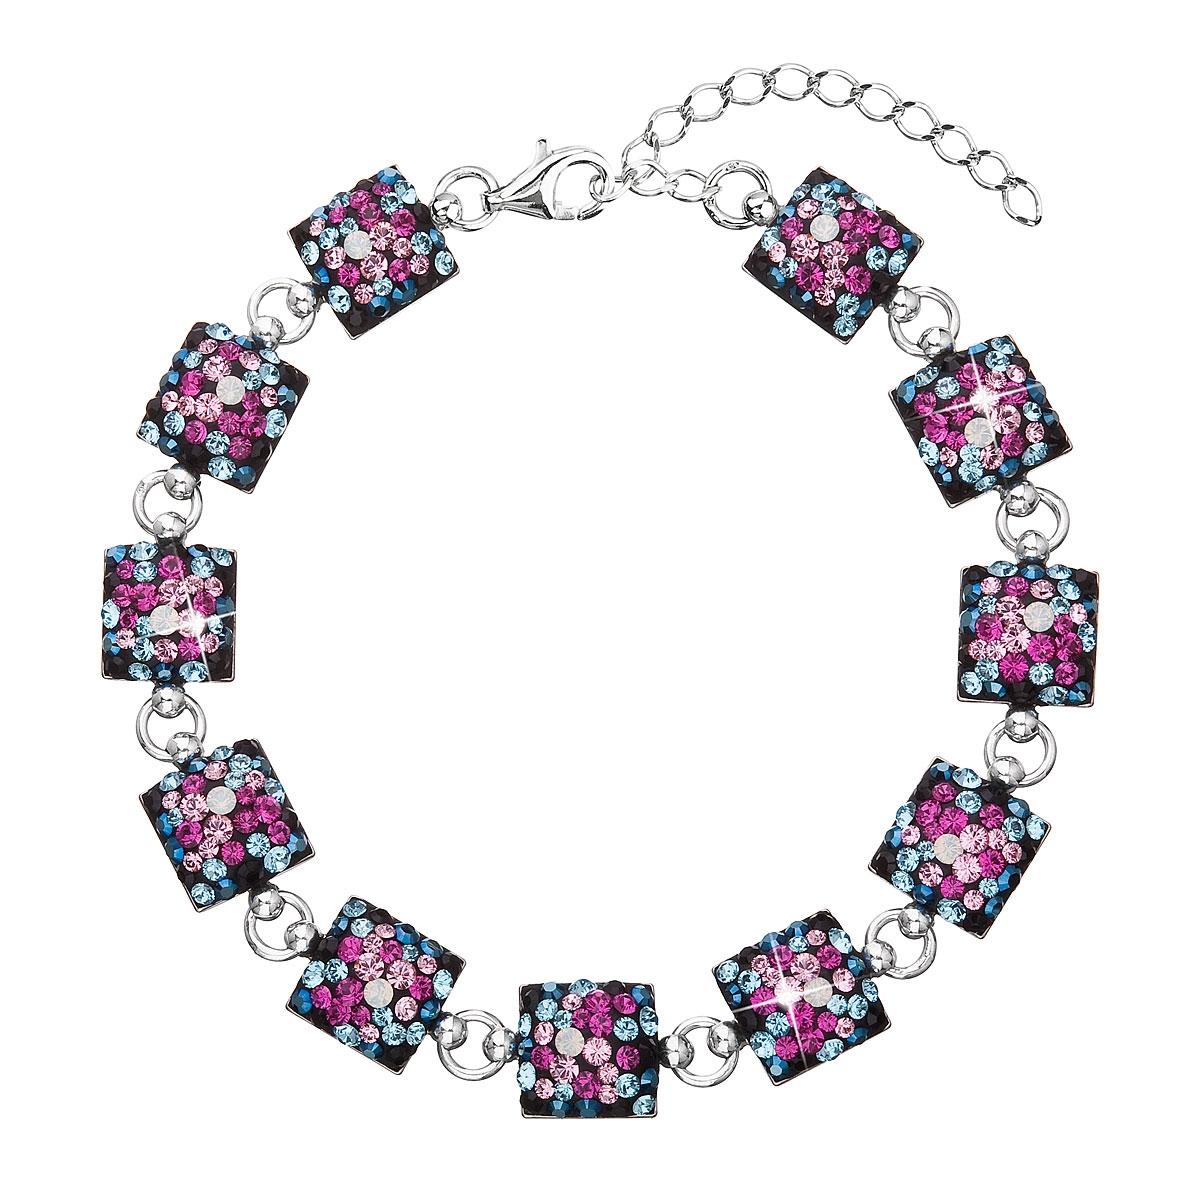 Strieborný náramok s kryštálmi Crystals from Swarovski ®, Galaxy